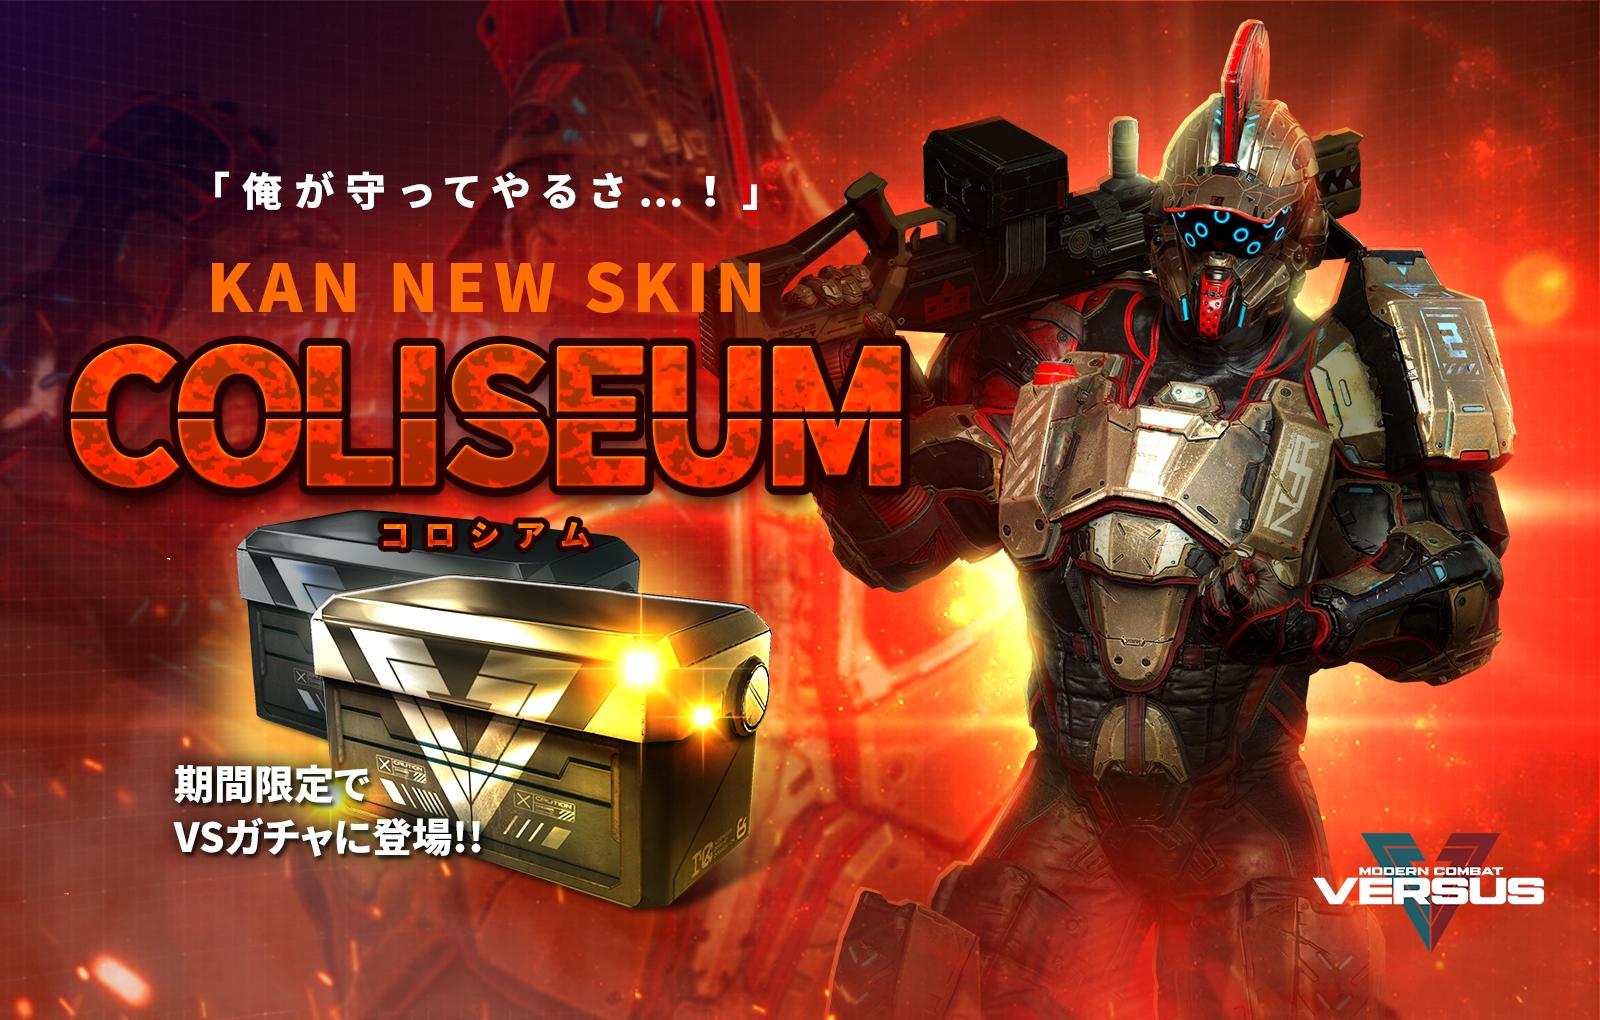 『モダンコンバット Versus』でカンの新スキン「COLISEUM」が登場!